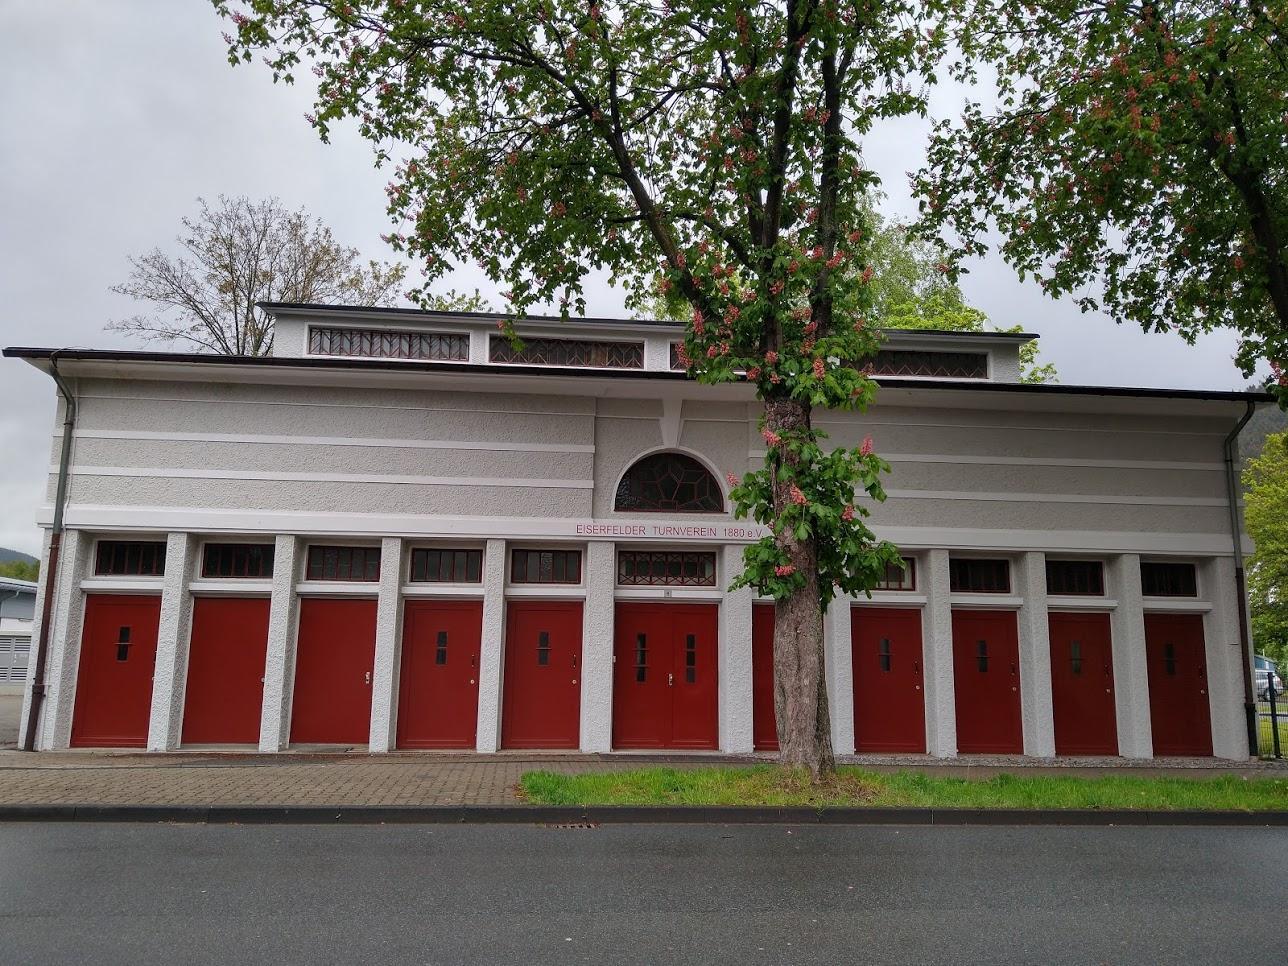 Altes Trafohaus, Bühlstr. 8 (unter Denkmalschutz)